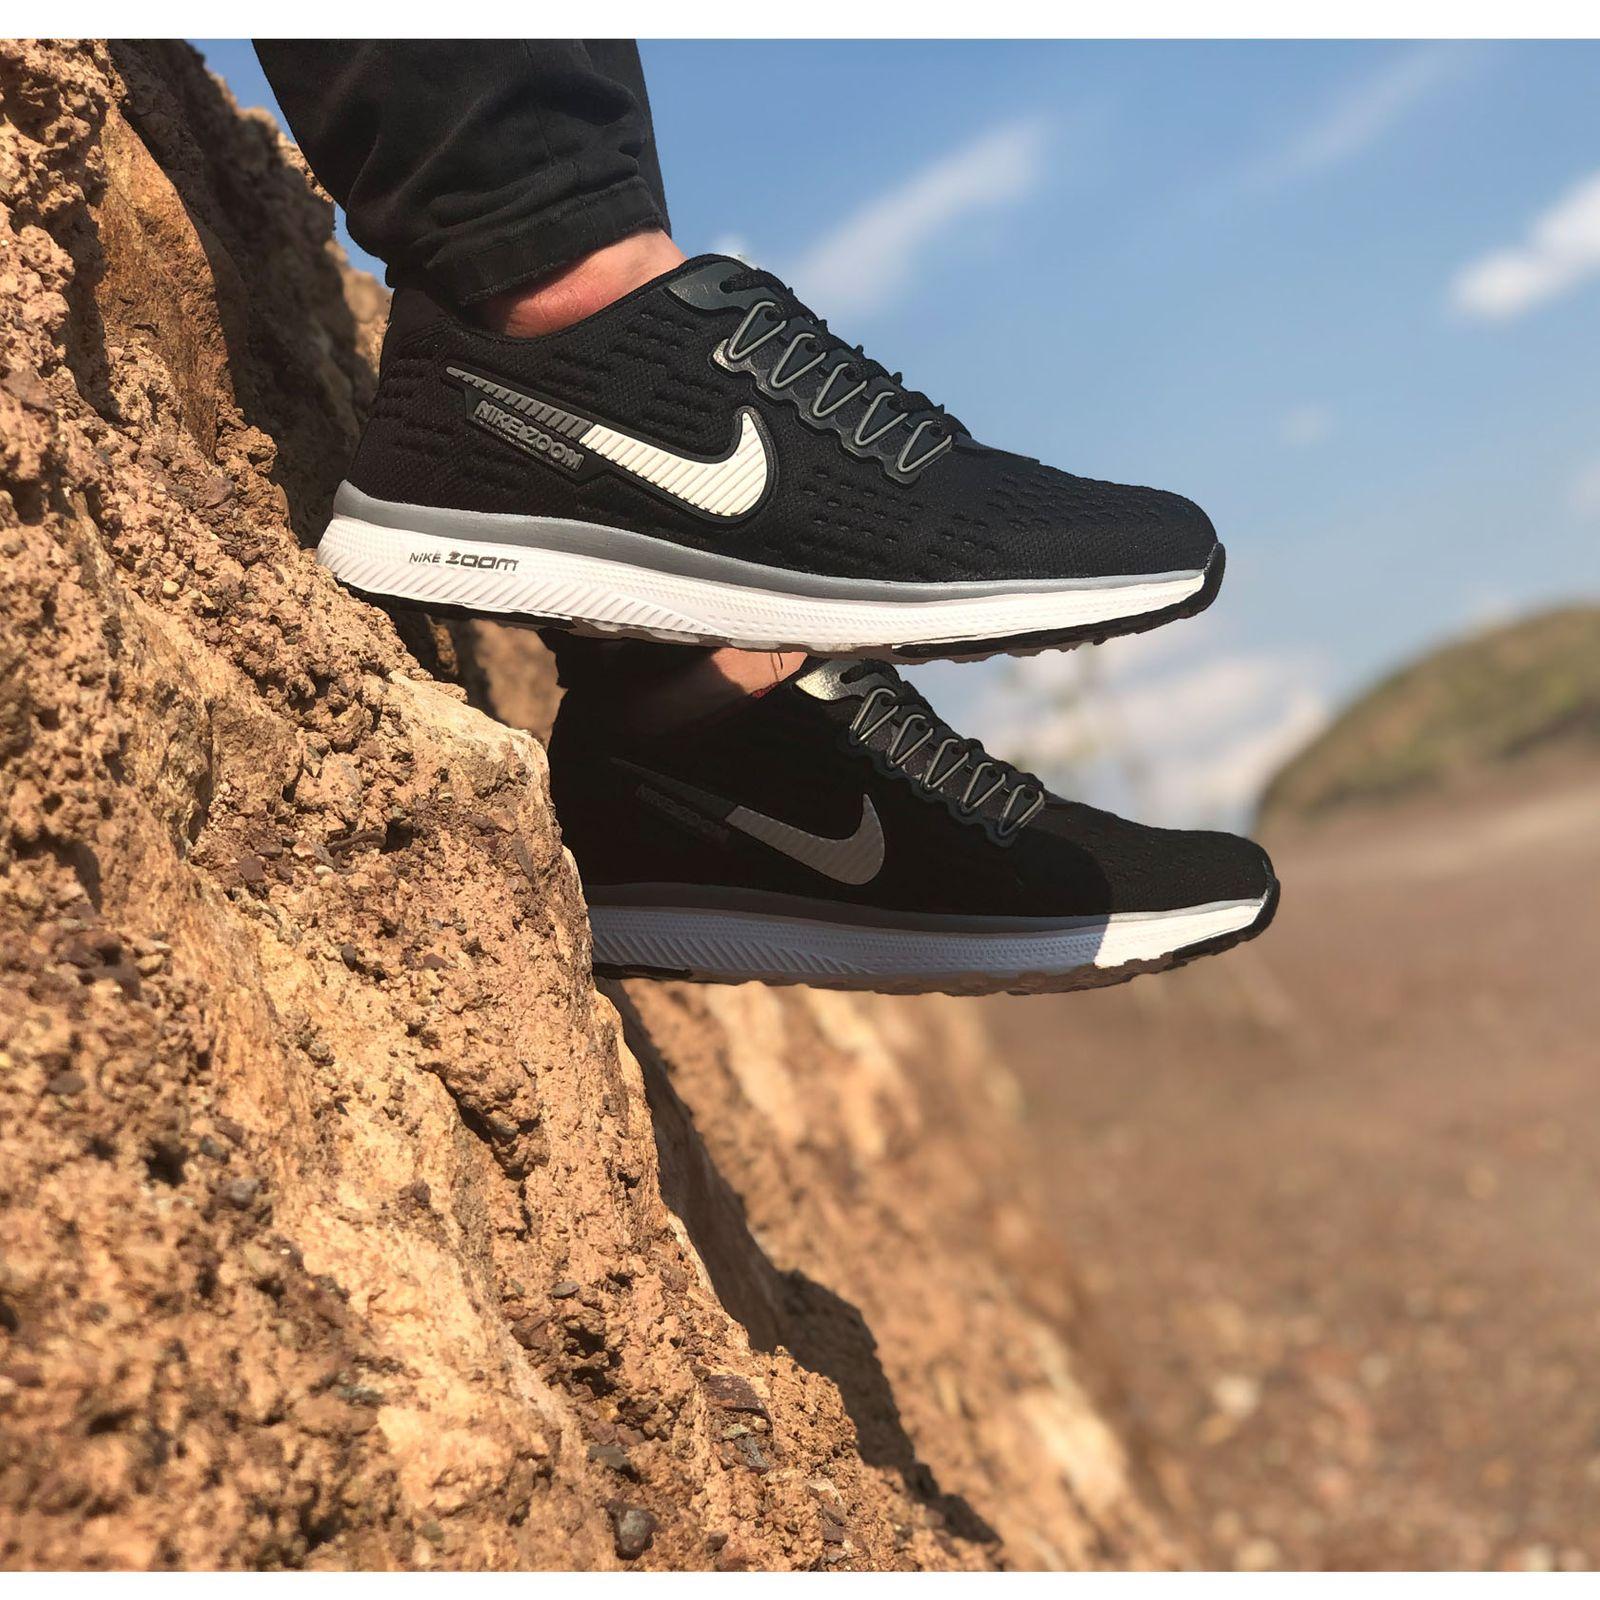 کفش مخصوص پیاده روی مردانه کد nk 200 main 1 9